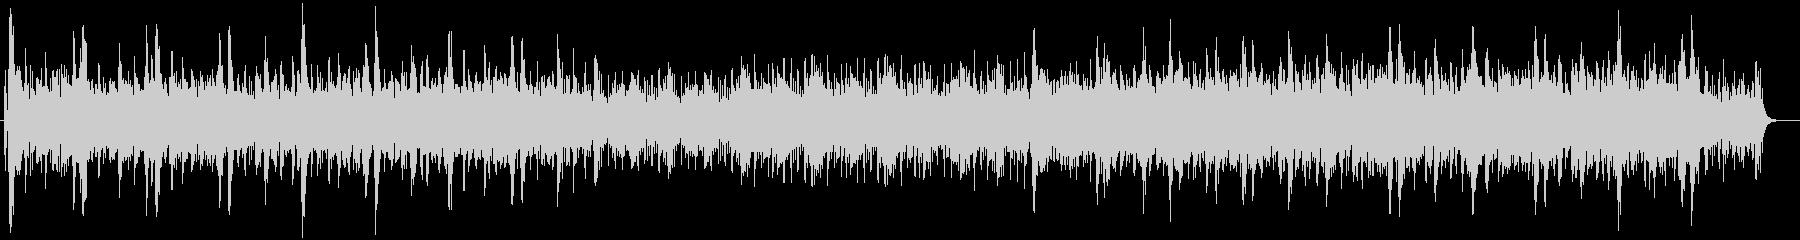 カントリー、アイリッシュ風ヴァイオリン生の未再生の波形